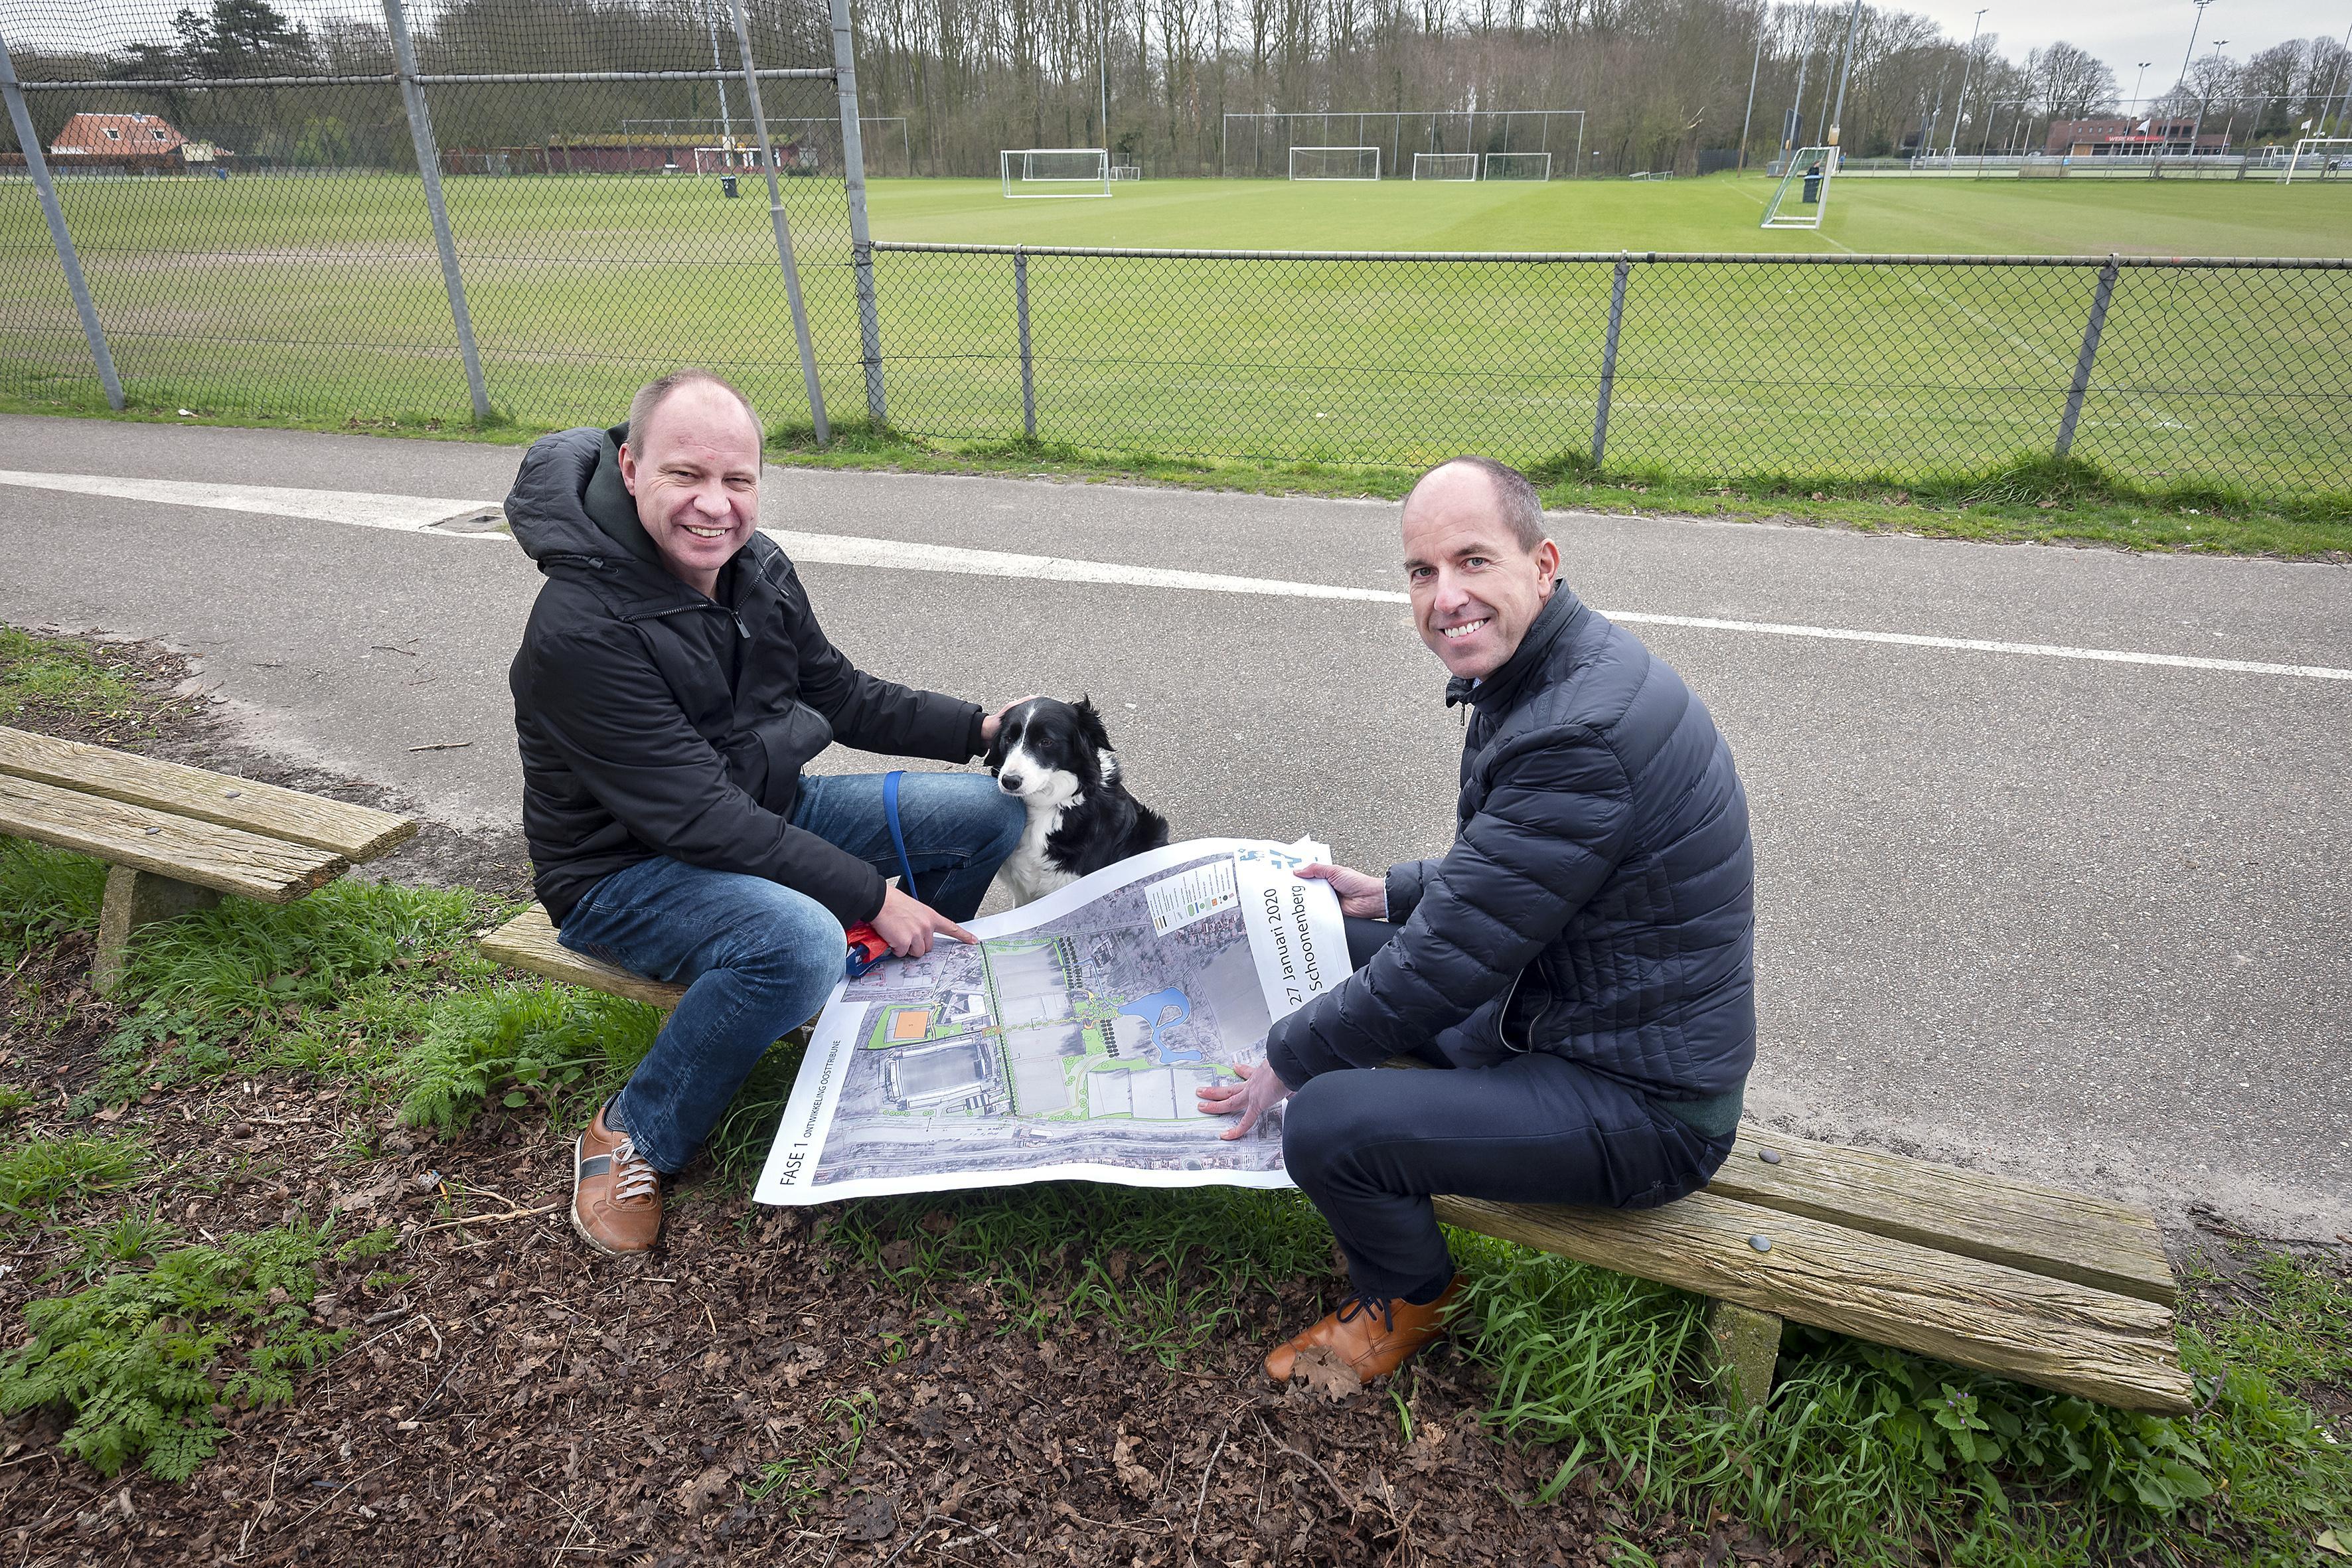 Met wethouder Bram Diepstraten wandelen over Schoonenberg: het sportpark in Velsen-Zuid mag multifunctioneler, groener en toegankelijker